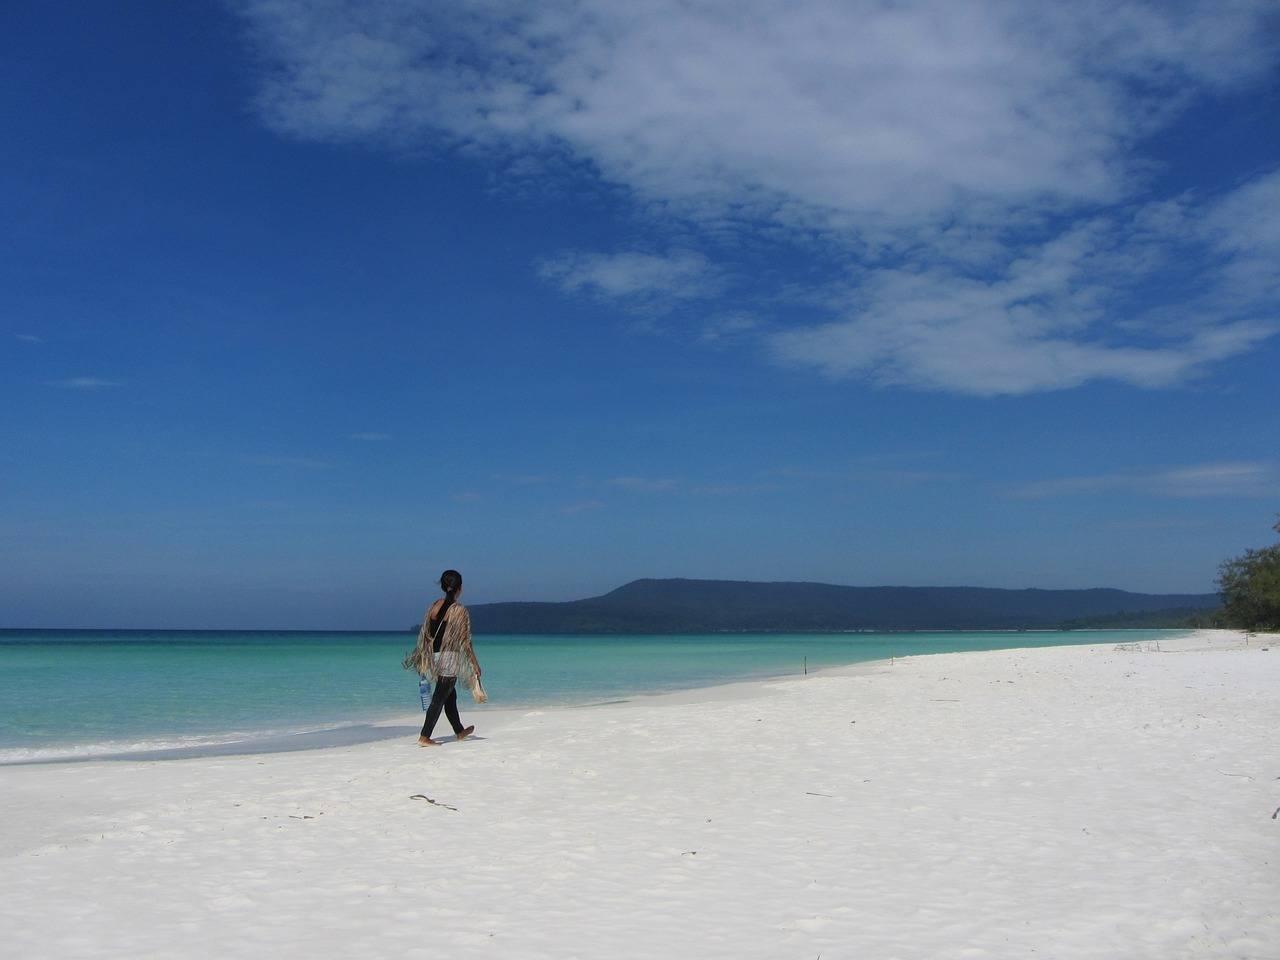 cambodia - Koh Rong